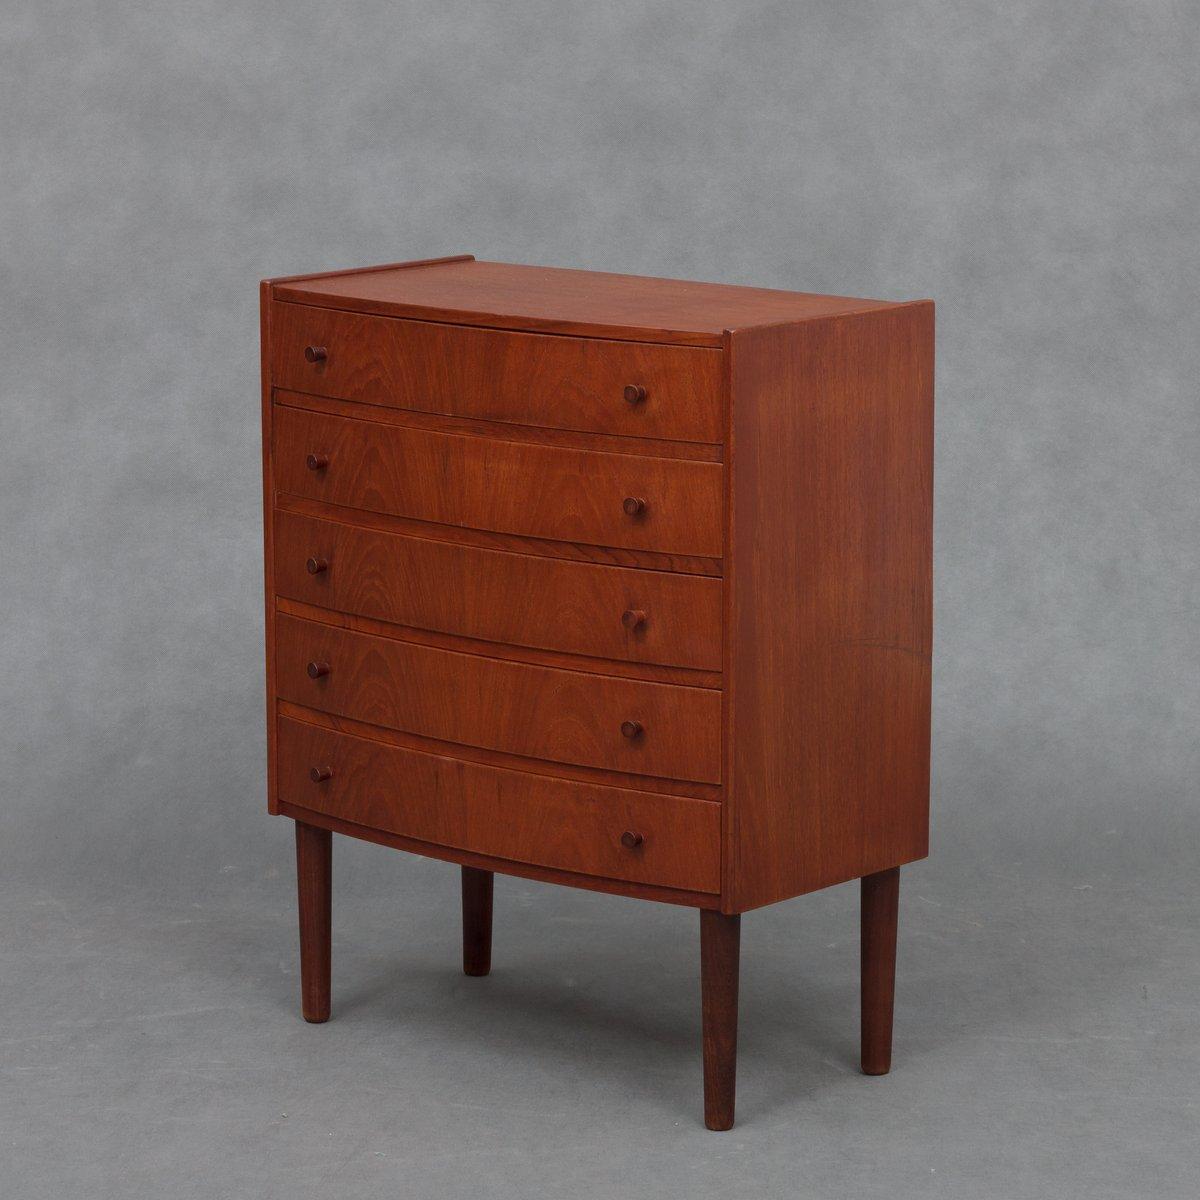 d nische mid century teak kommode 1960er bei pamono kaufen. Black Bedroom Furniture Sets. Home Design Ideas